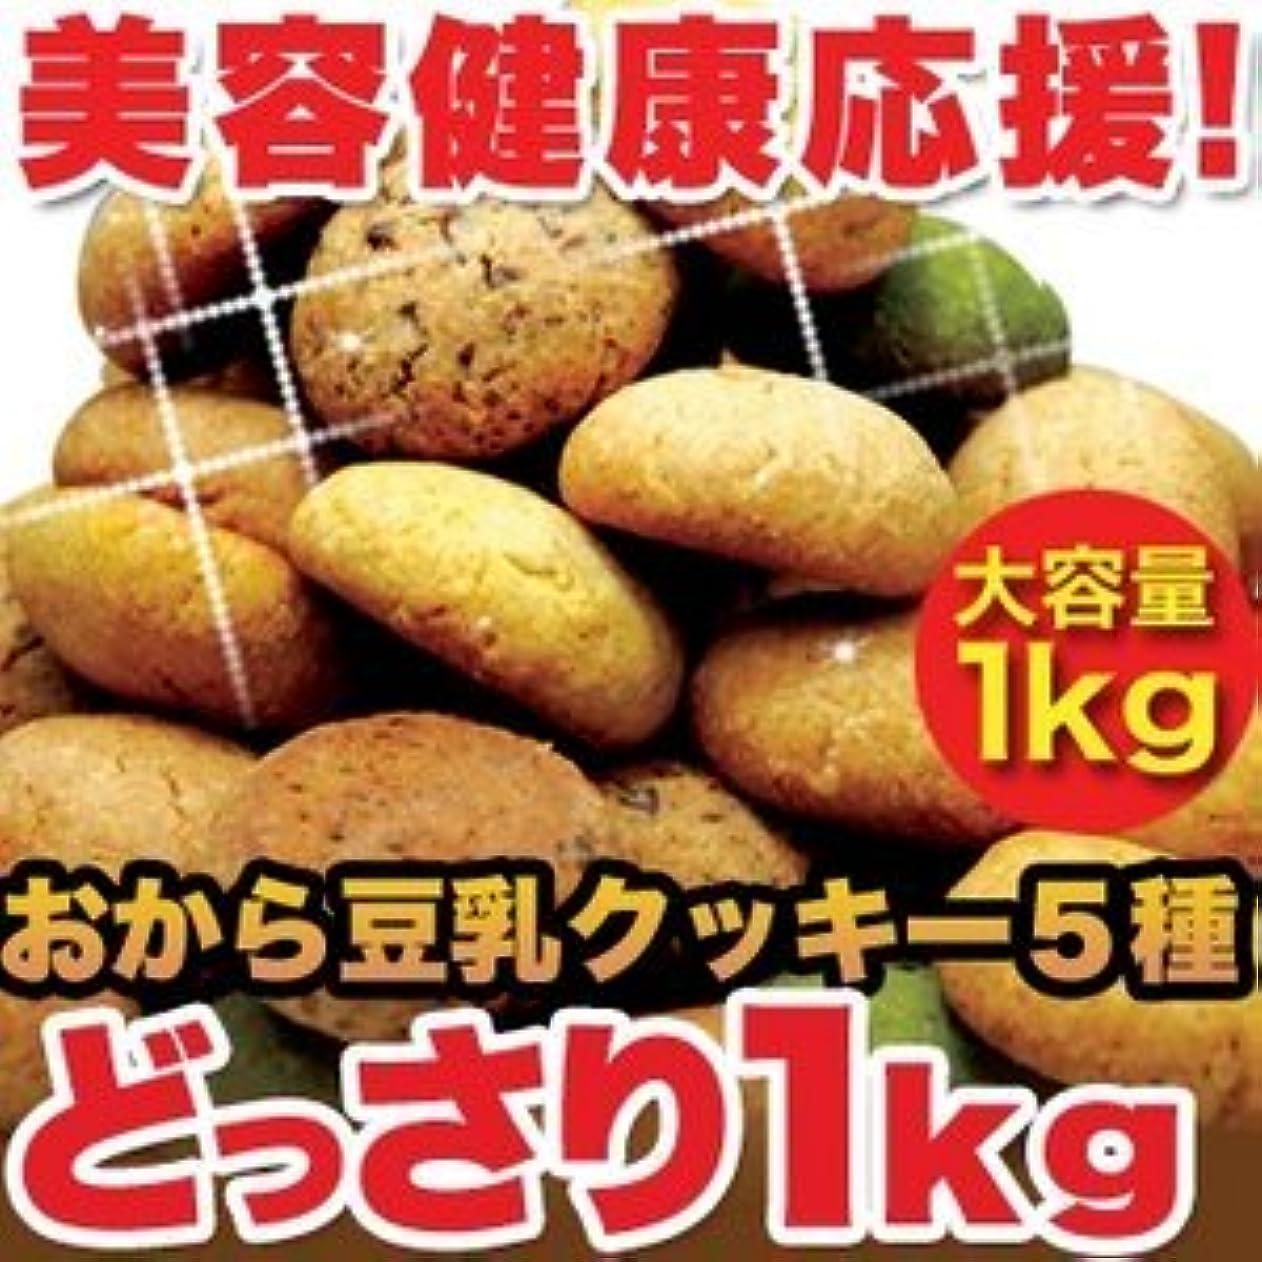 無法者影のある説明的ほろっと柔らか☆ヘルシー&DIET応援☆新感覚満腹おから豆乳ソフトクッキー1kg